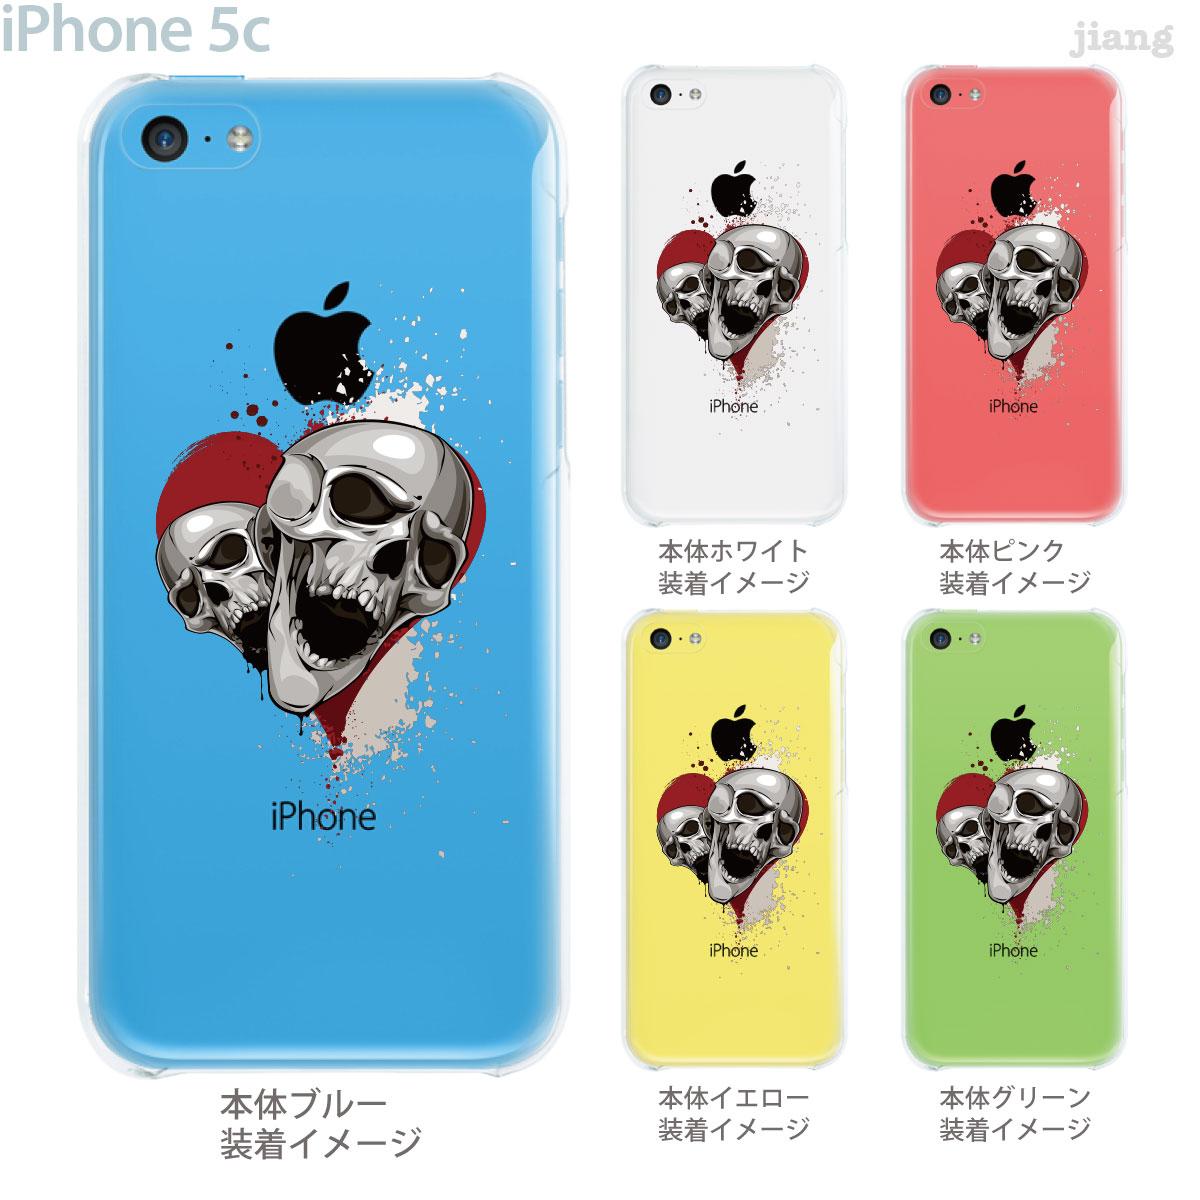 【iPhone5c】【iPhone5cケース】【iPhone5cカバー】【iPhone ケース】【クリア カバー】【スマホケース】【クリアケース】【イラスト】【クリアーアーツ】【ガイコツ】【スカル】 01-ip5c-zec053